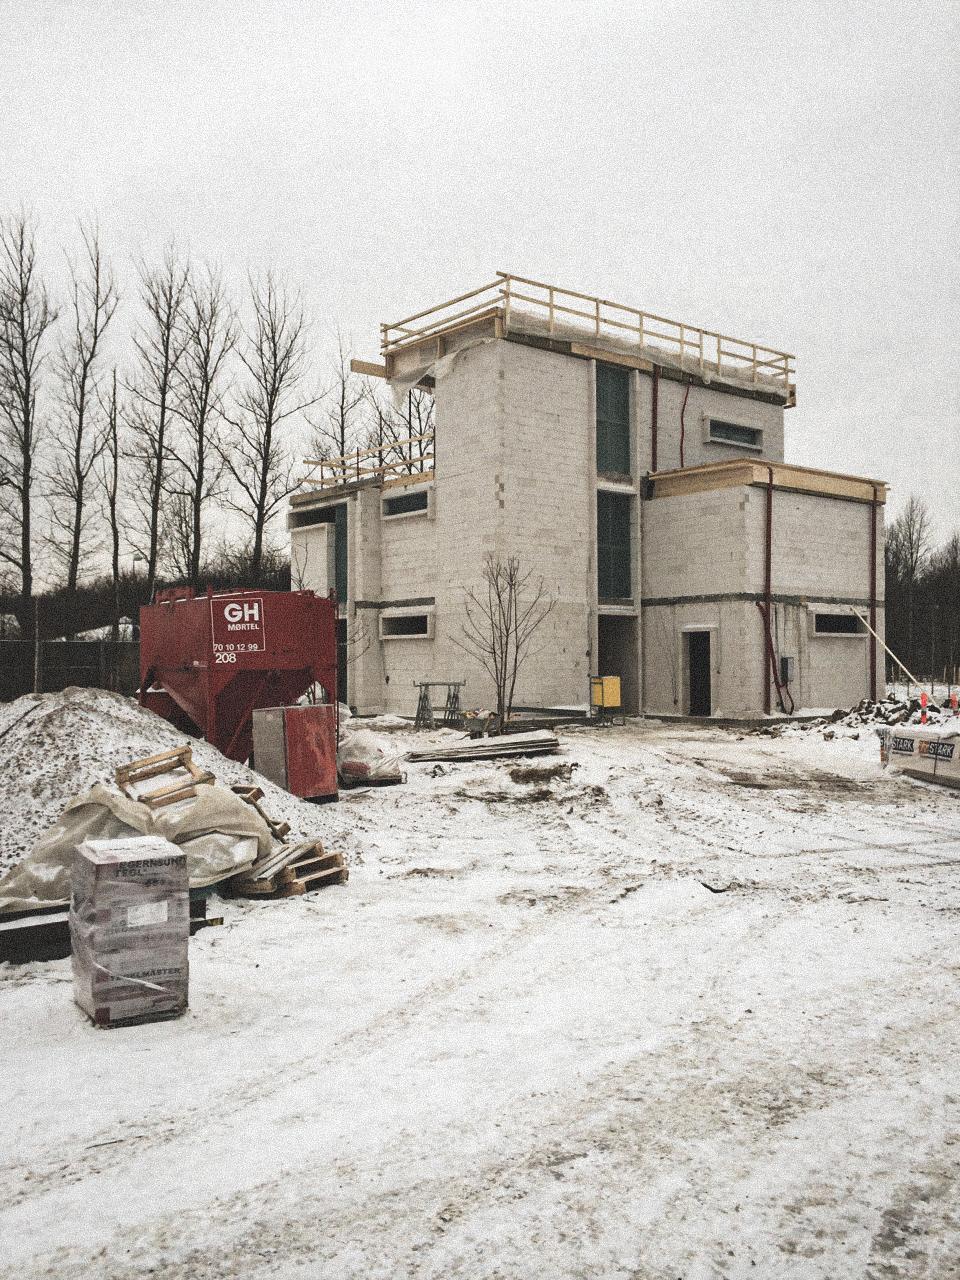 Billede af et igangværende byggeri i Glostrup , tegnet af arkitektfirmaet m2plus.